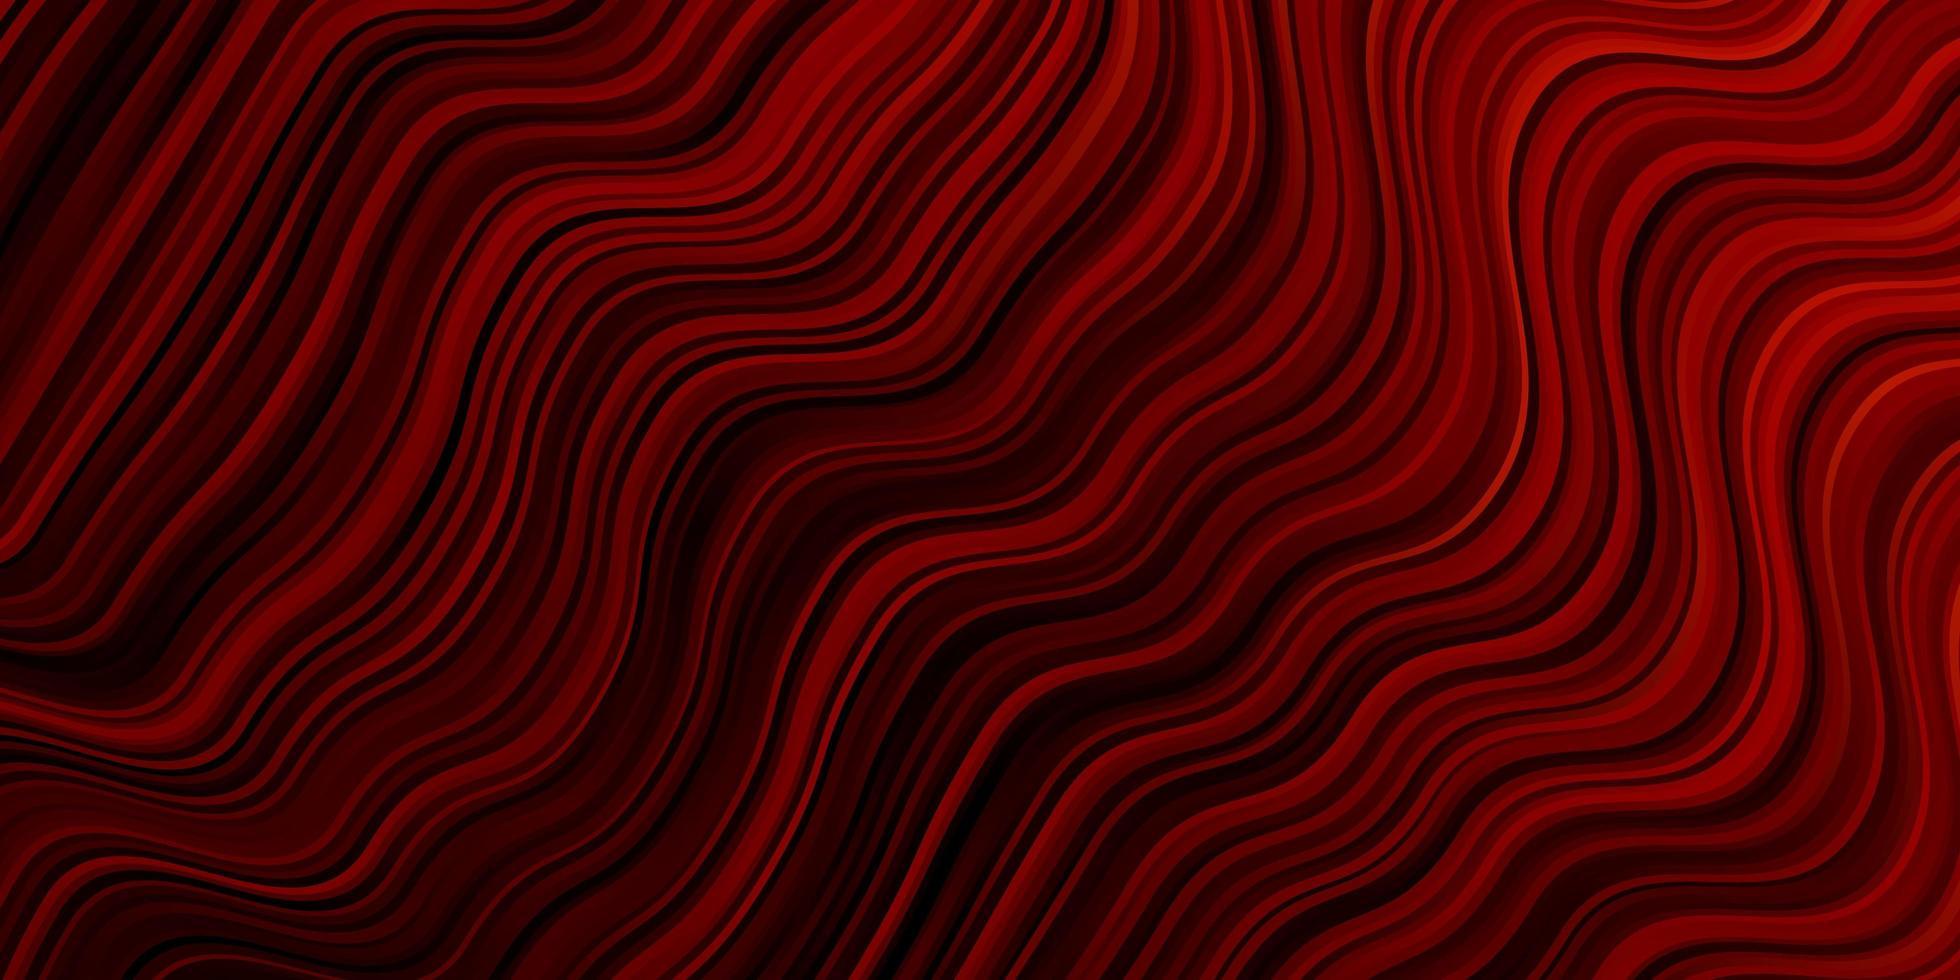 mörk röd vektor layout med kurvor.